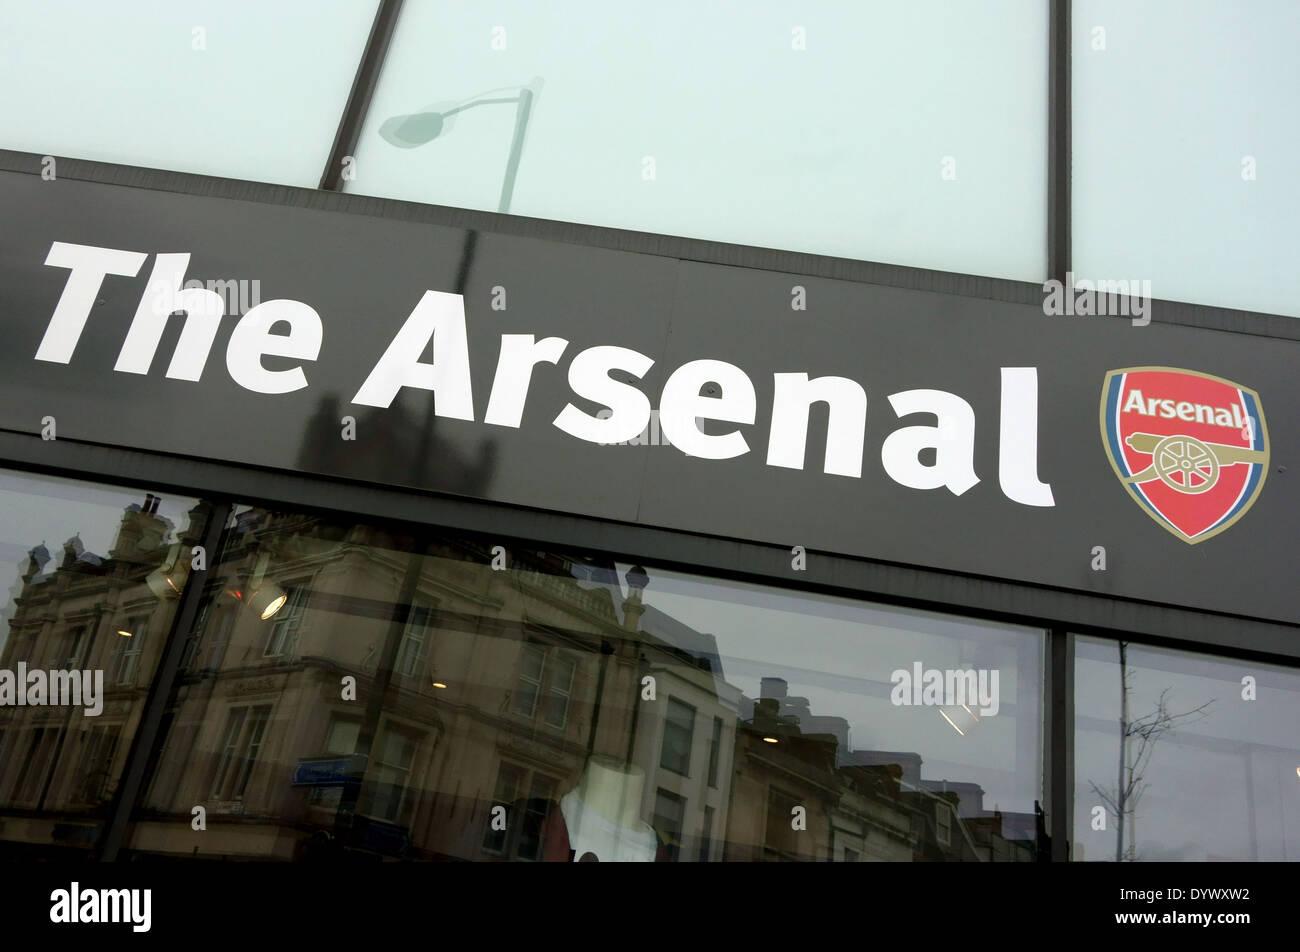 Arsenal F C Stockfotos Und Bilder Kaufen Alamy